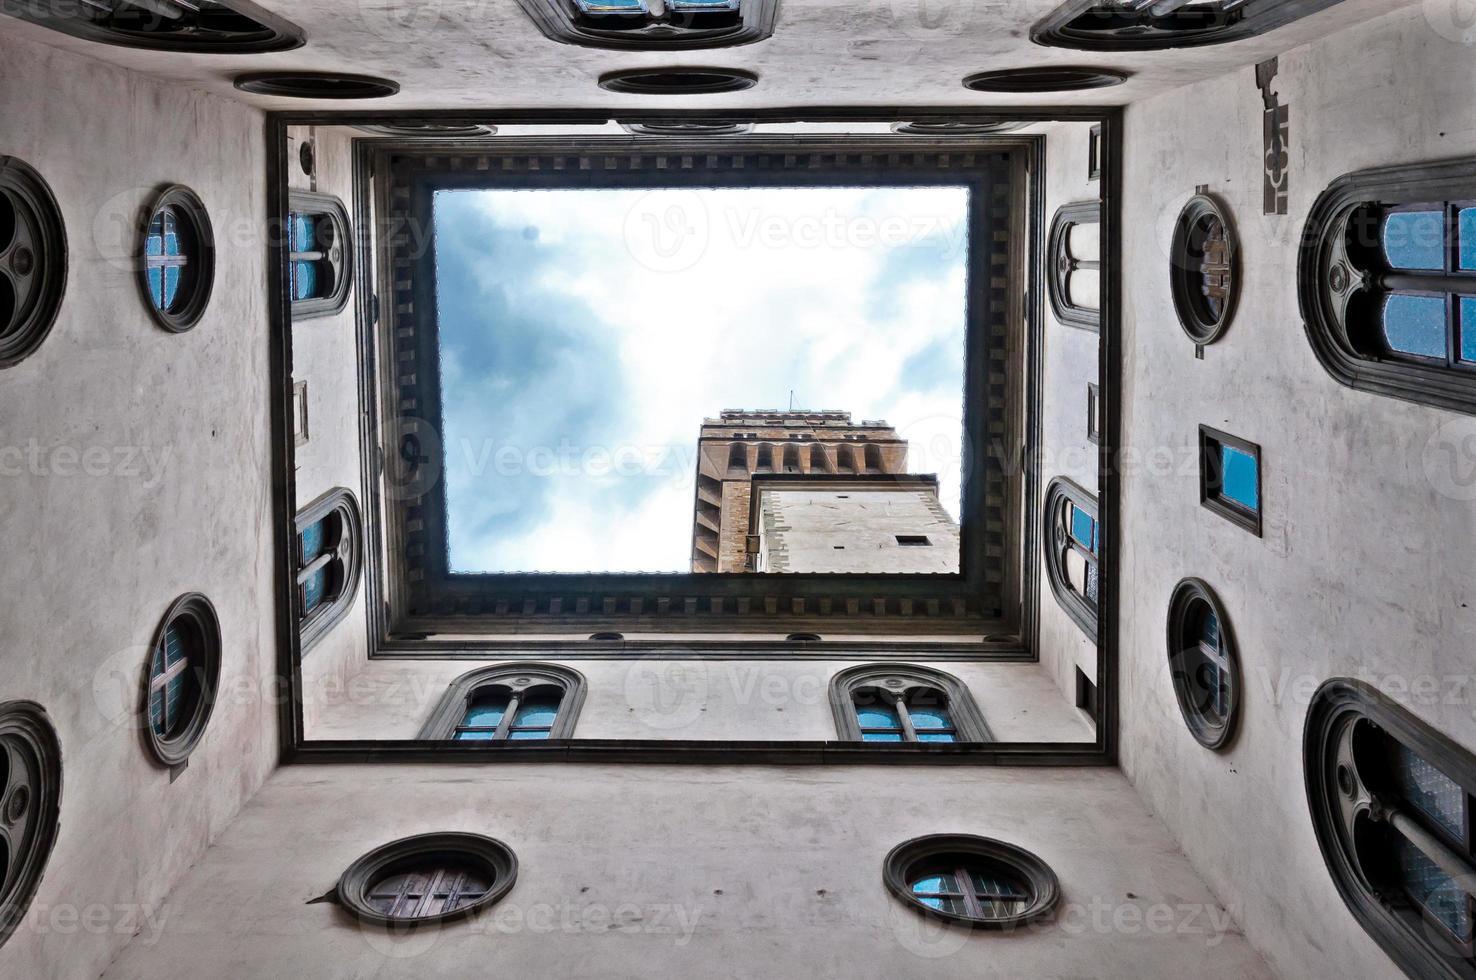 Vista del Palazzo Vecchio desde el patio en Florencia, Italia. foto